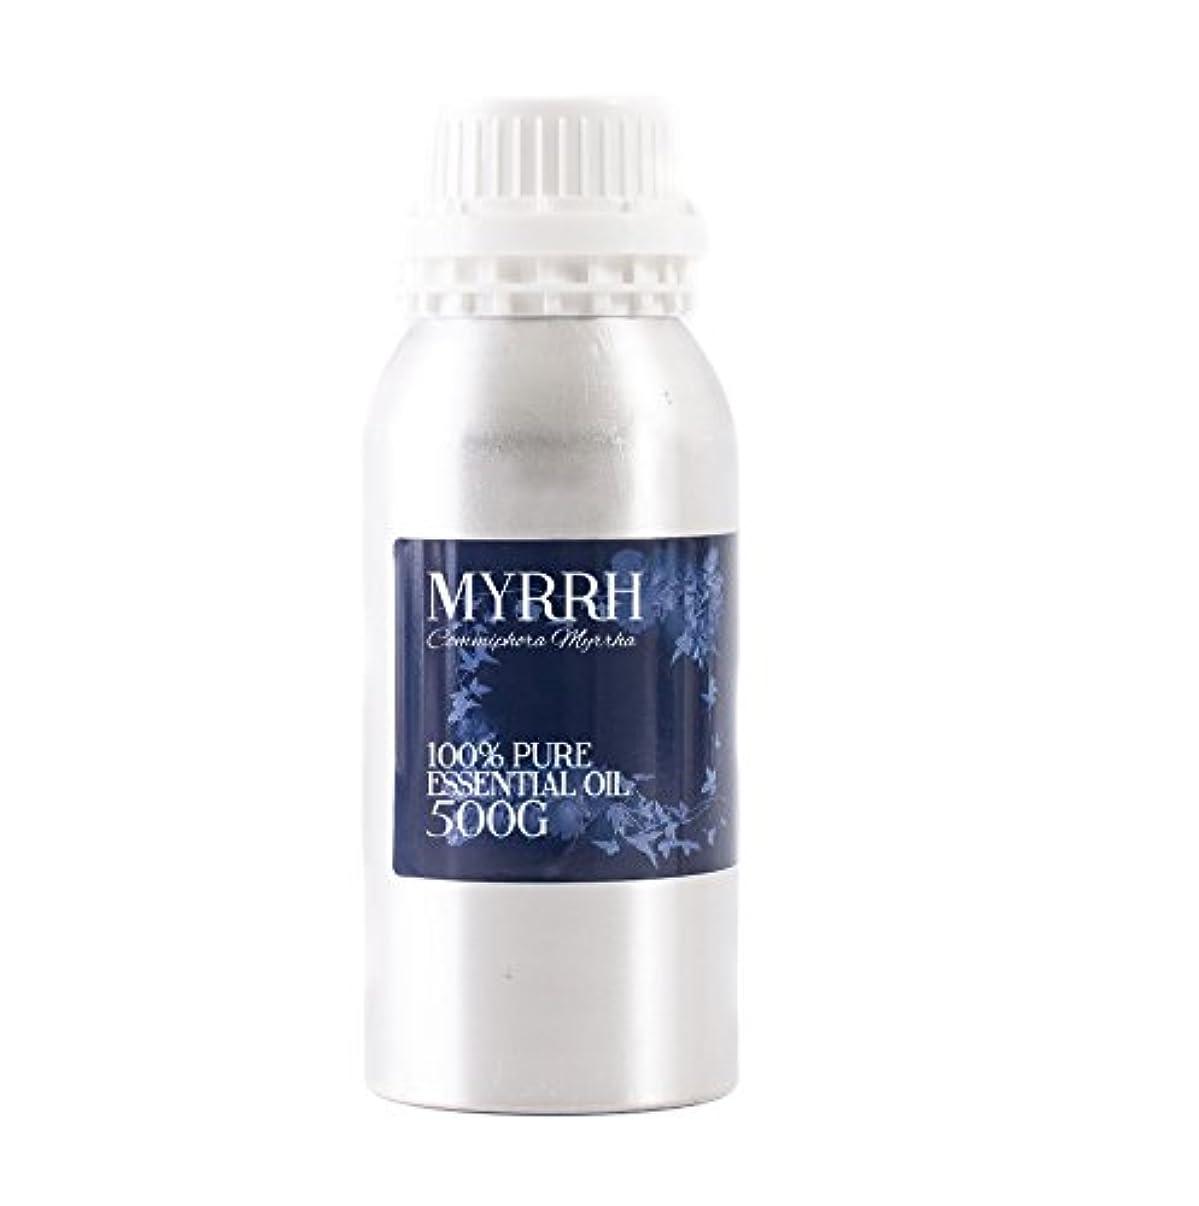 放課後熟考するチョップMystic Moments | Myrrh Essential Oil - 500g - 100% Pure